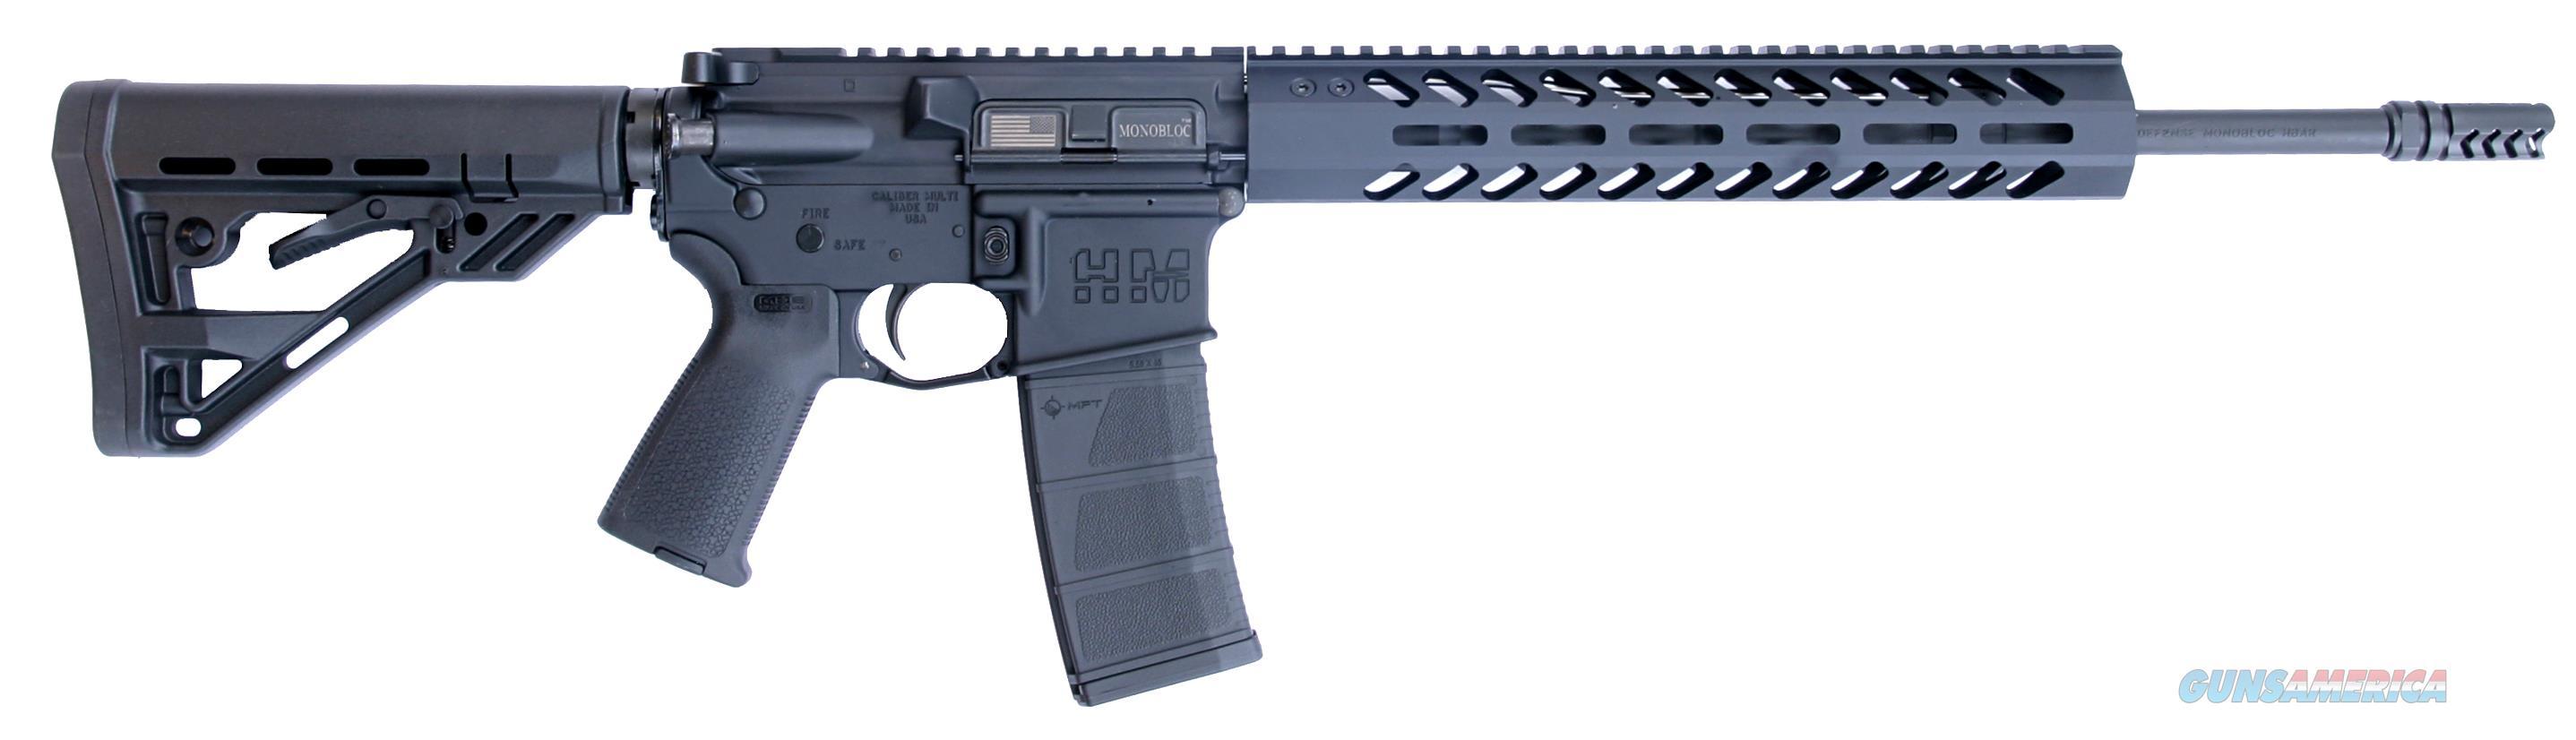 Luxus Arms (hm Defense) Defender M5, Hm Defense Hm15fmb556  Defender  M5        223 Rem  Guns > Pistols > 1911 Pistol Copies (non-Colt)